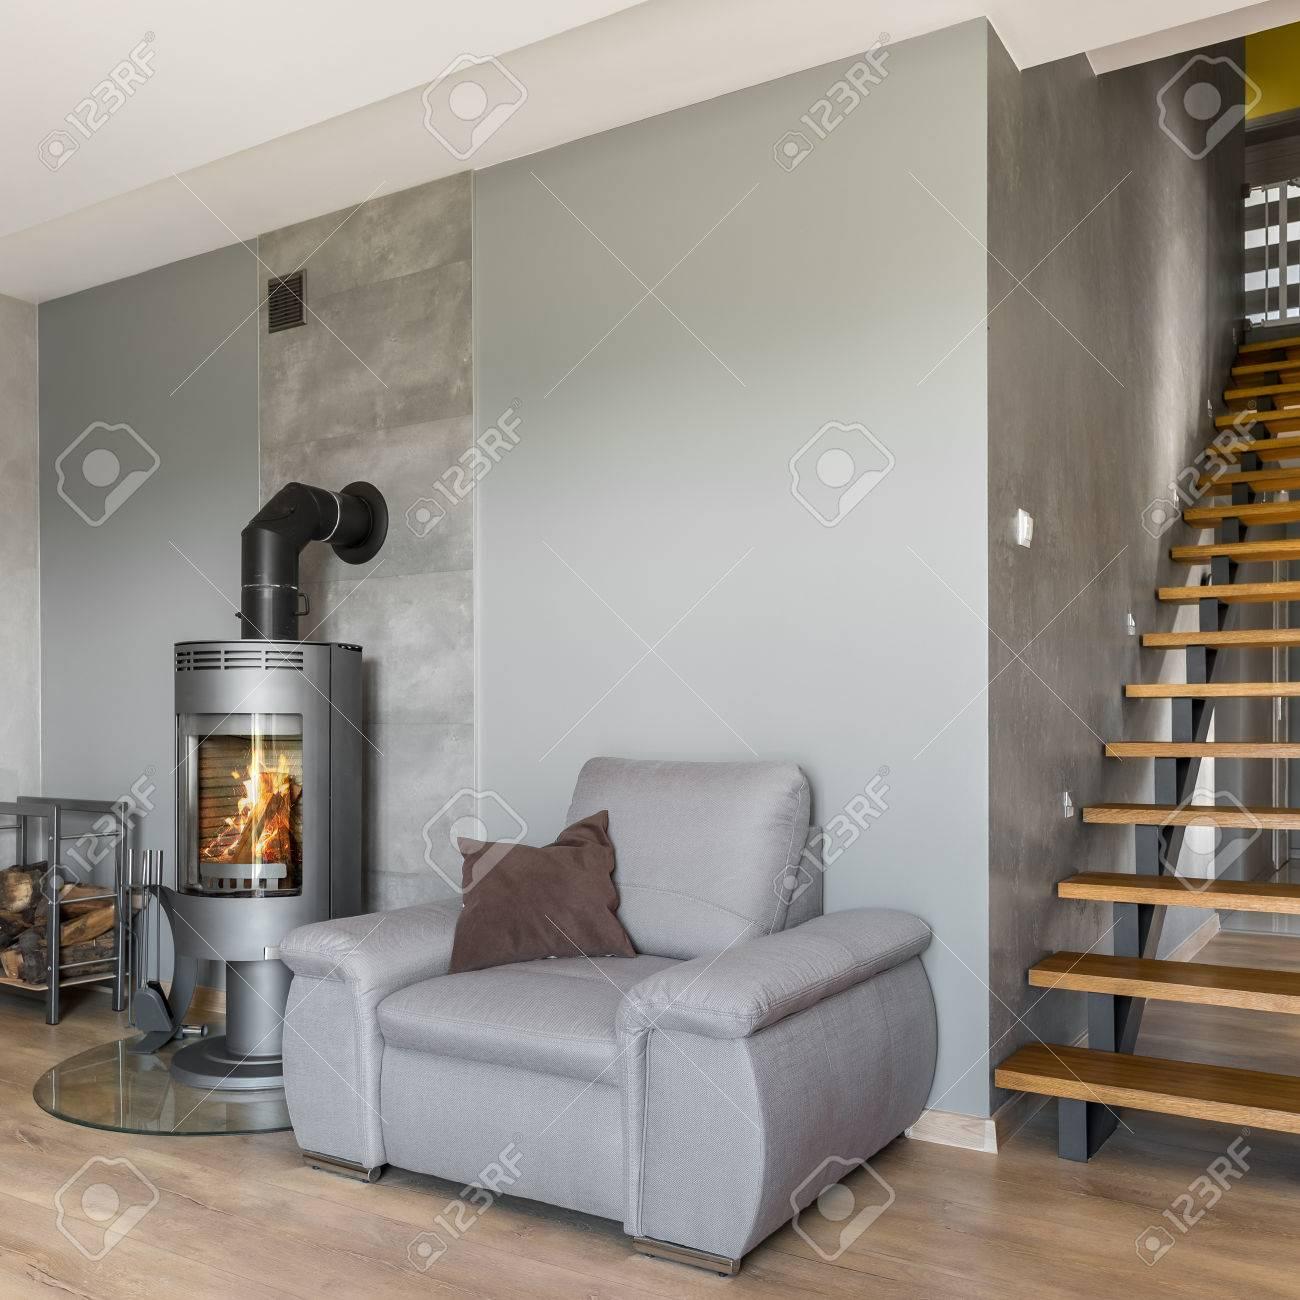 Nuevo Diseño Interior Gris Con Chimenea, Sillón Y Escaleras De ...